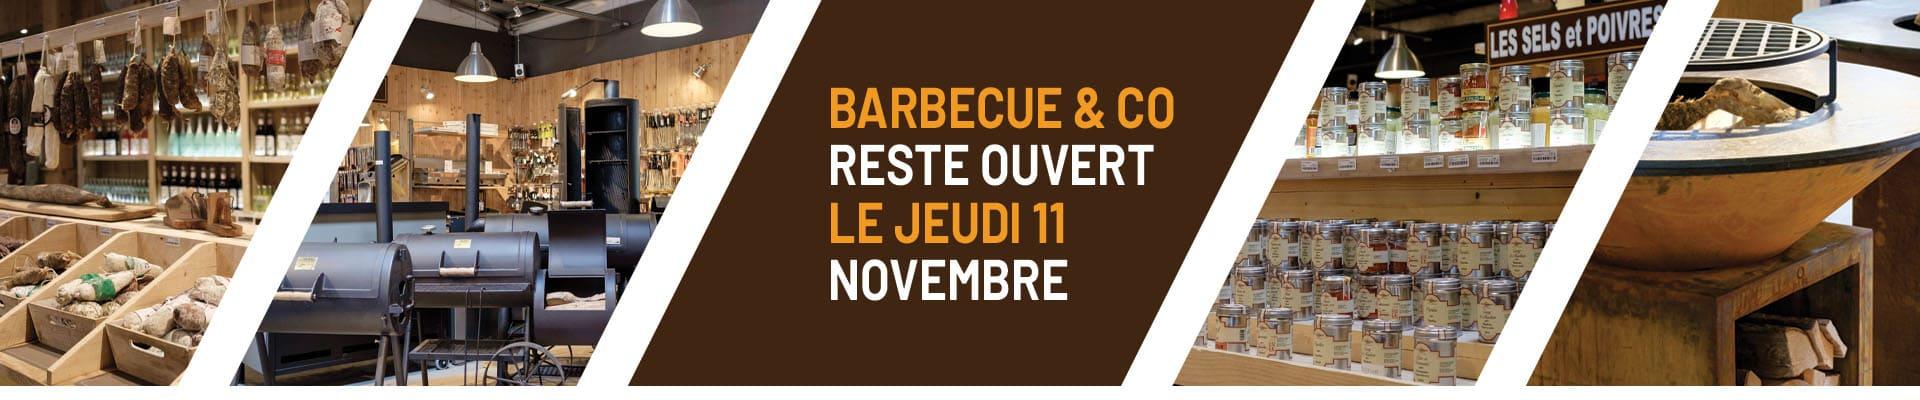 Magasin ouvert 1 et 11 novembre